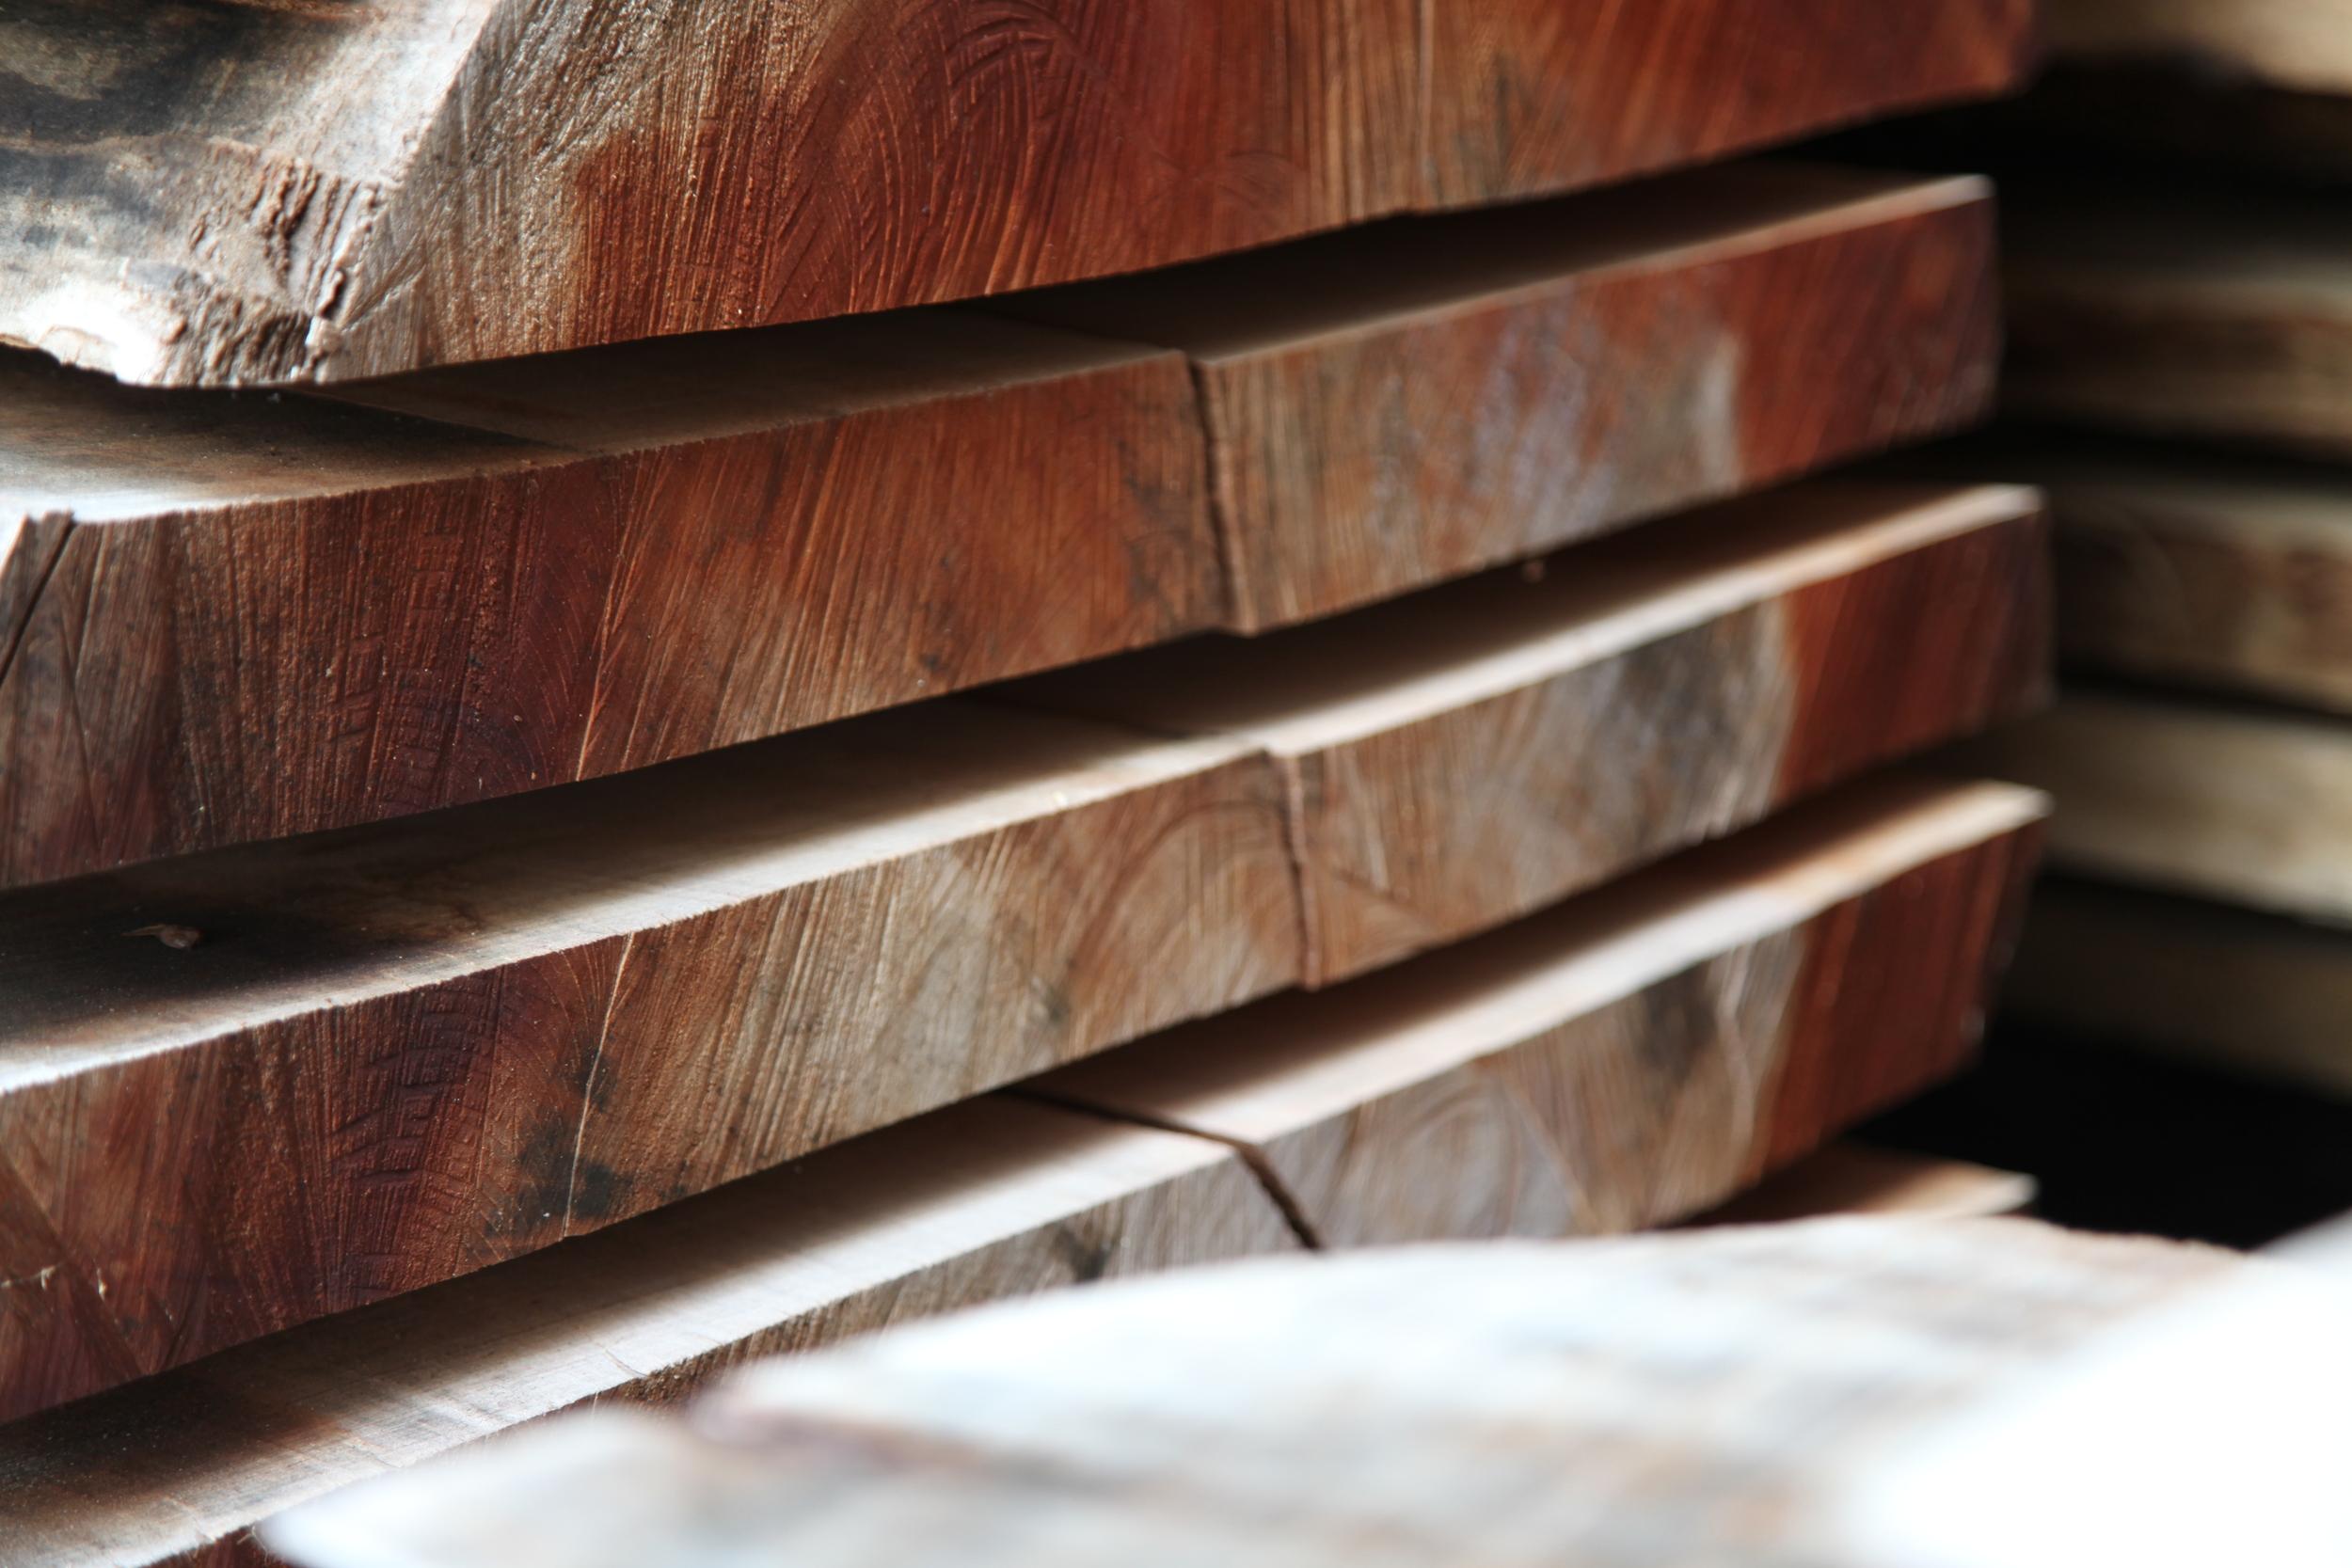 Birnbaumdielen müssen sehr schonend und langsam getrocknet werden, da sie zum Reißen und Drehen neigen